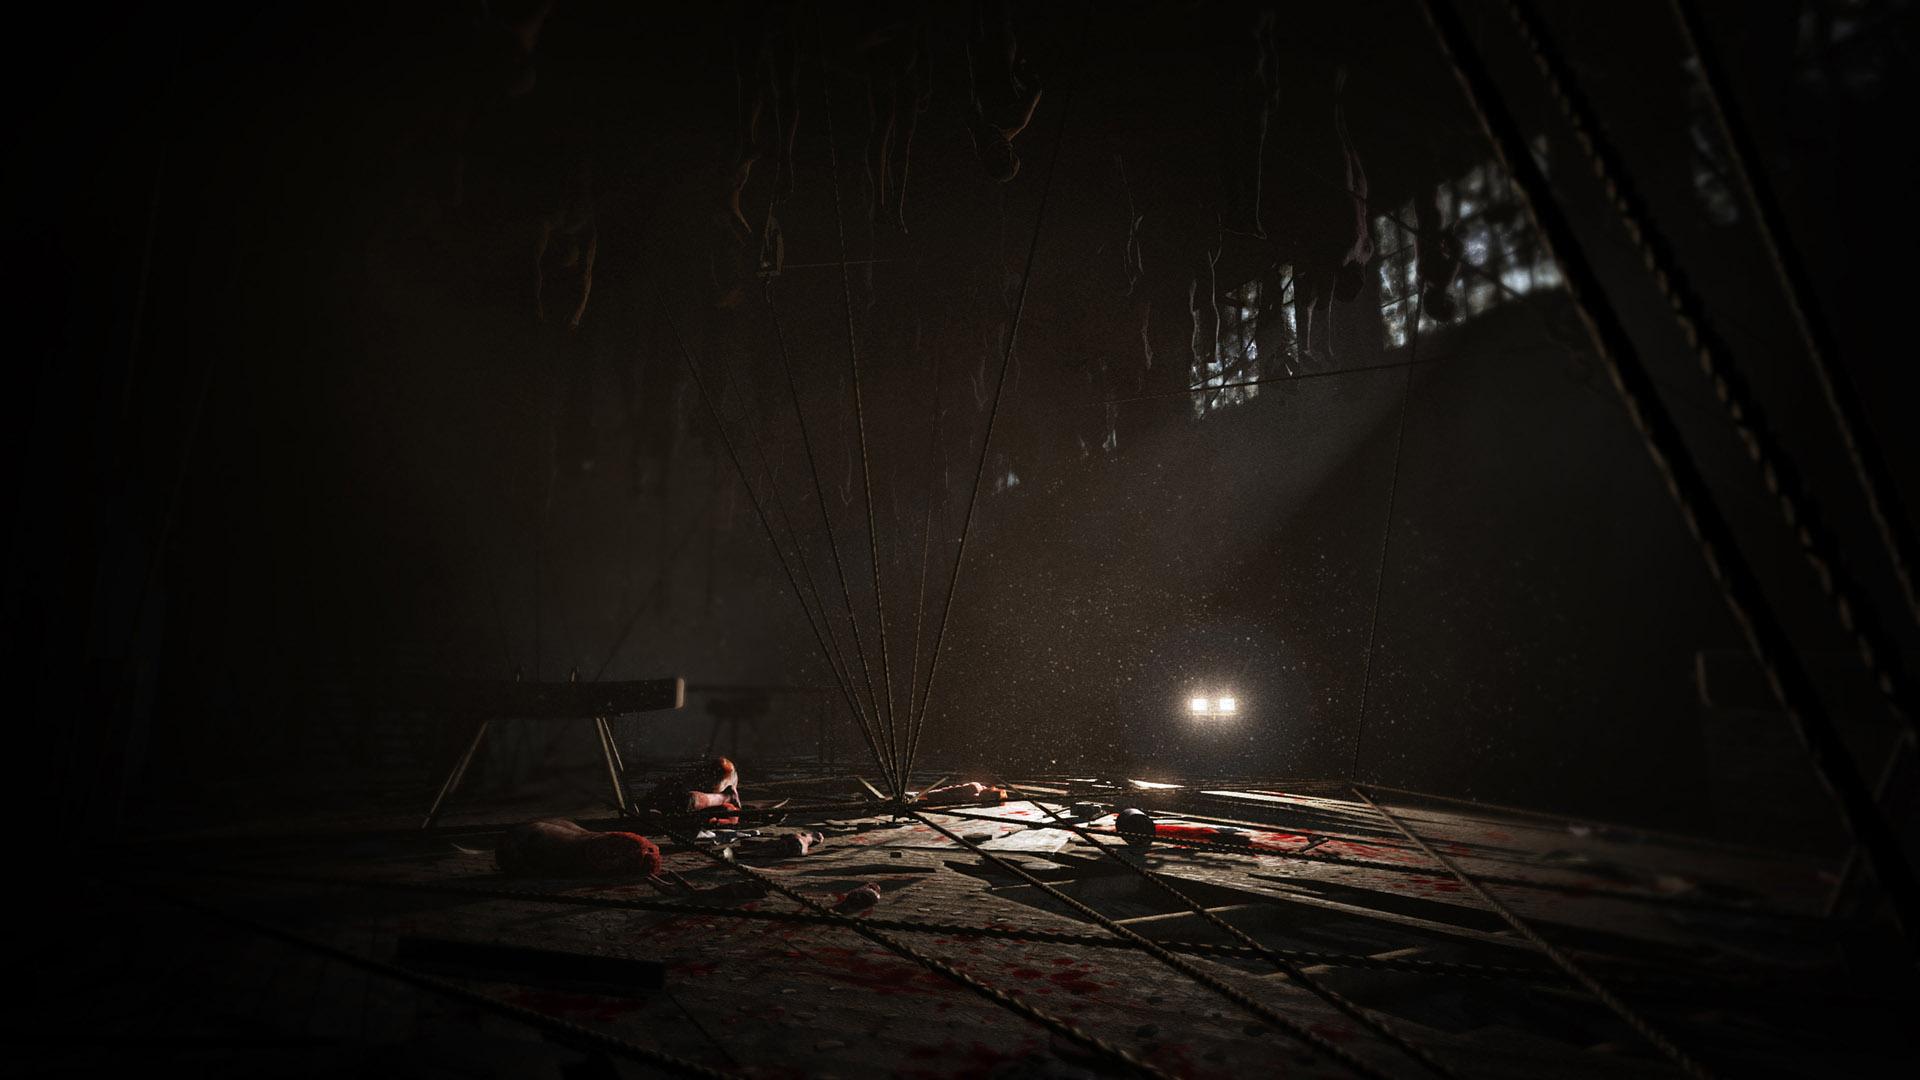 El DLC de Outlast llegará finalmente el 7 de Mayo. Nuevas imágenes y video 7nsx